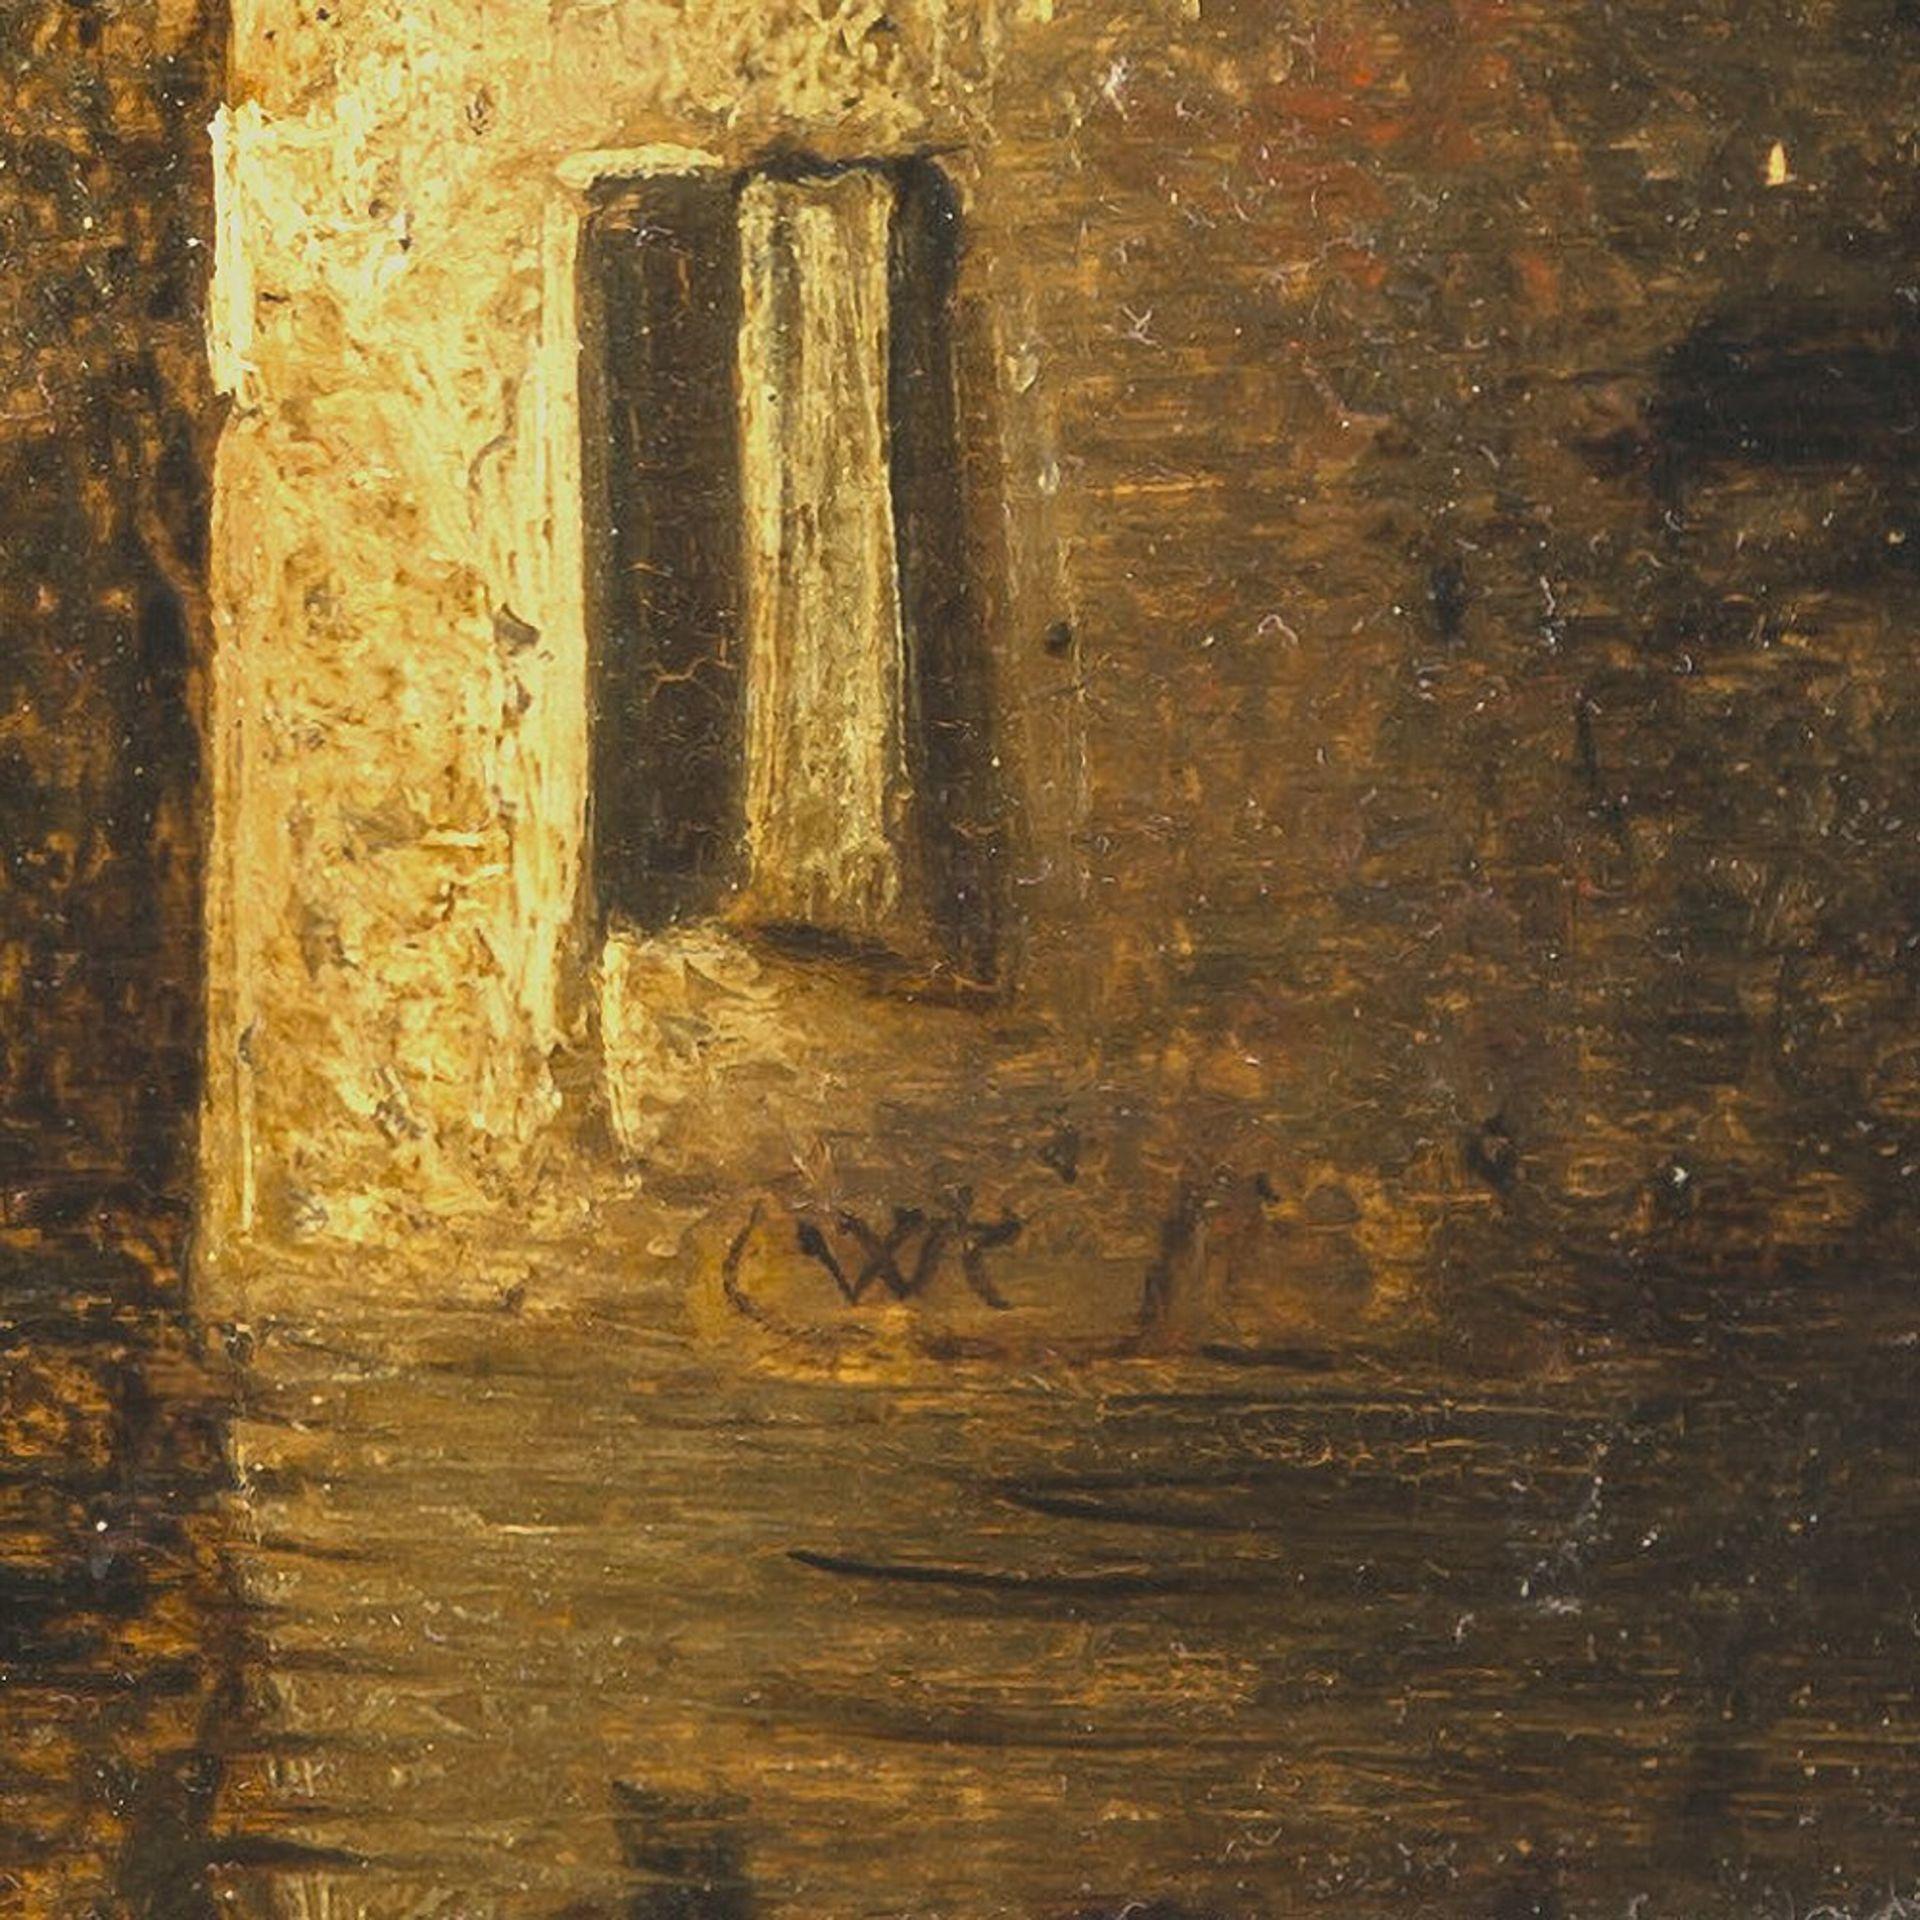 Knijff, Wouter, zugeschriebenOrtschaft am Fluß mit Ruder- und Segelbooten. Öl/Holz. 28 x 49 cm. - Bild 3 aus 3